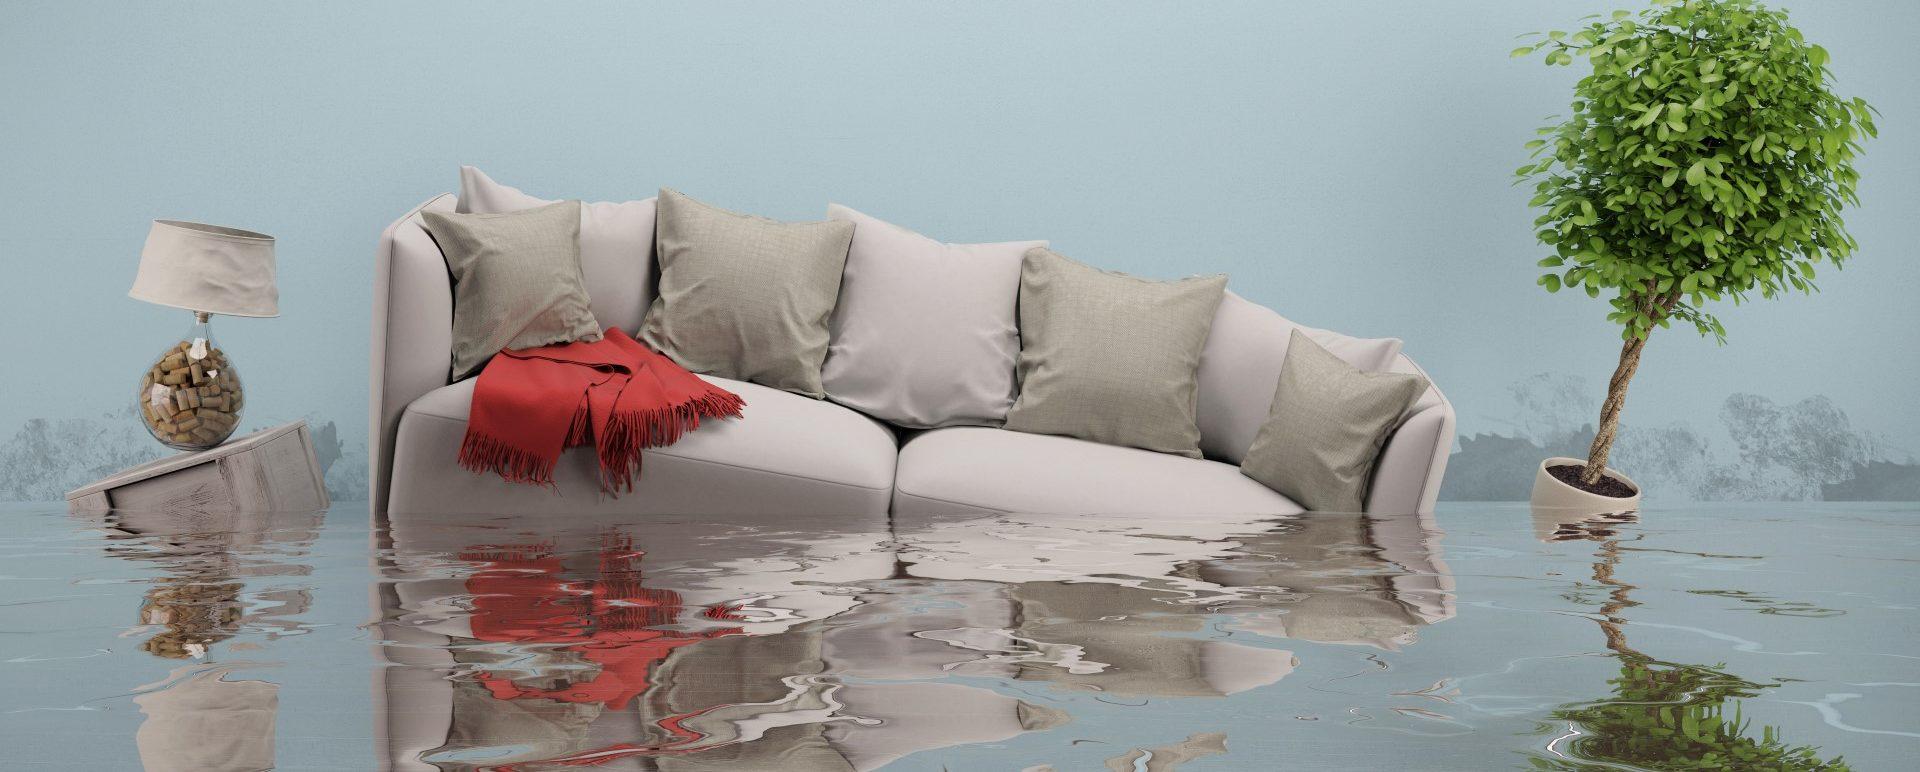 water damage 07.19 (Large)